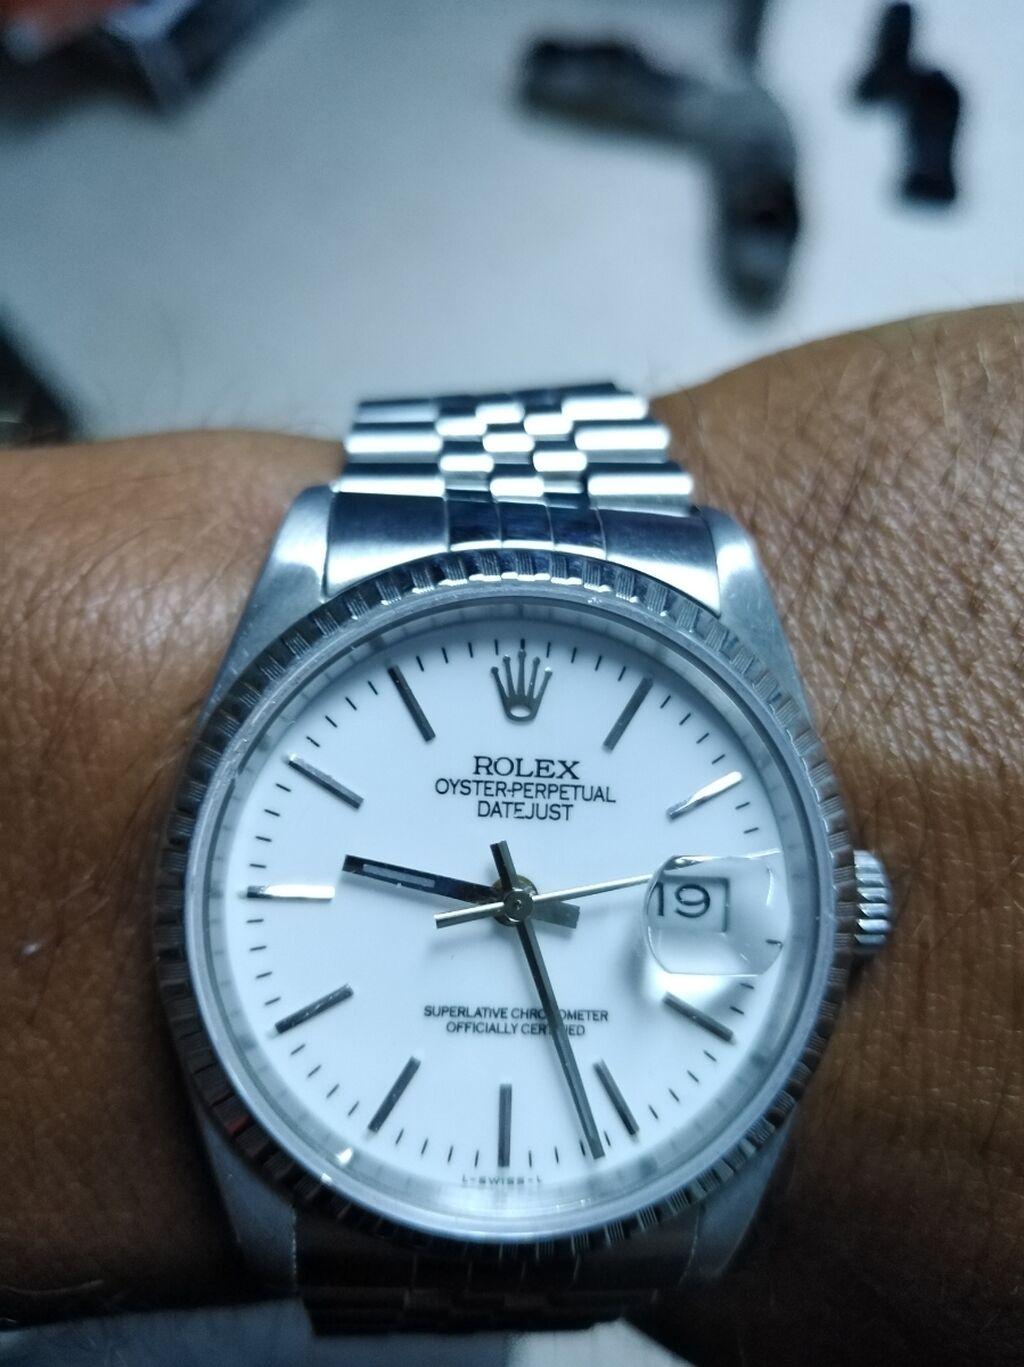 Άλλα - Περιφερειακή ενότητα Θεσσαλονίκης: Ρολόι Rolex oyster perpetual datejust superlative chronometer officially certified l-swiss-l